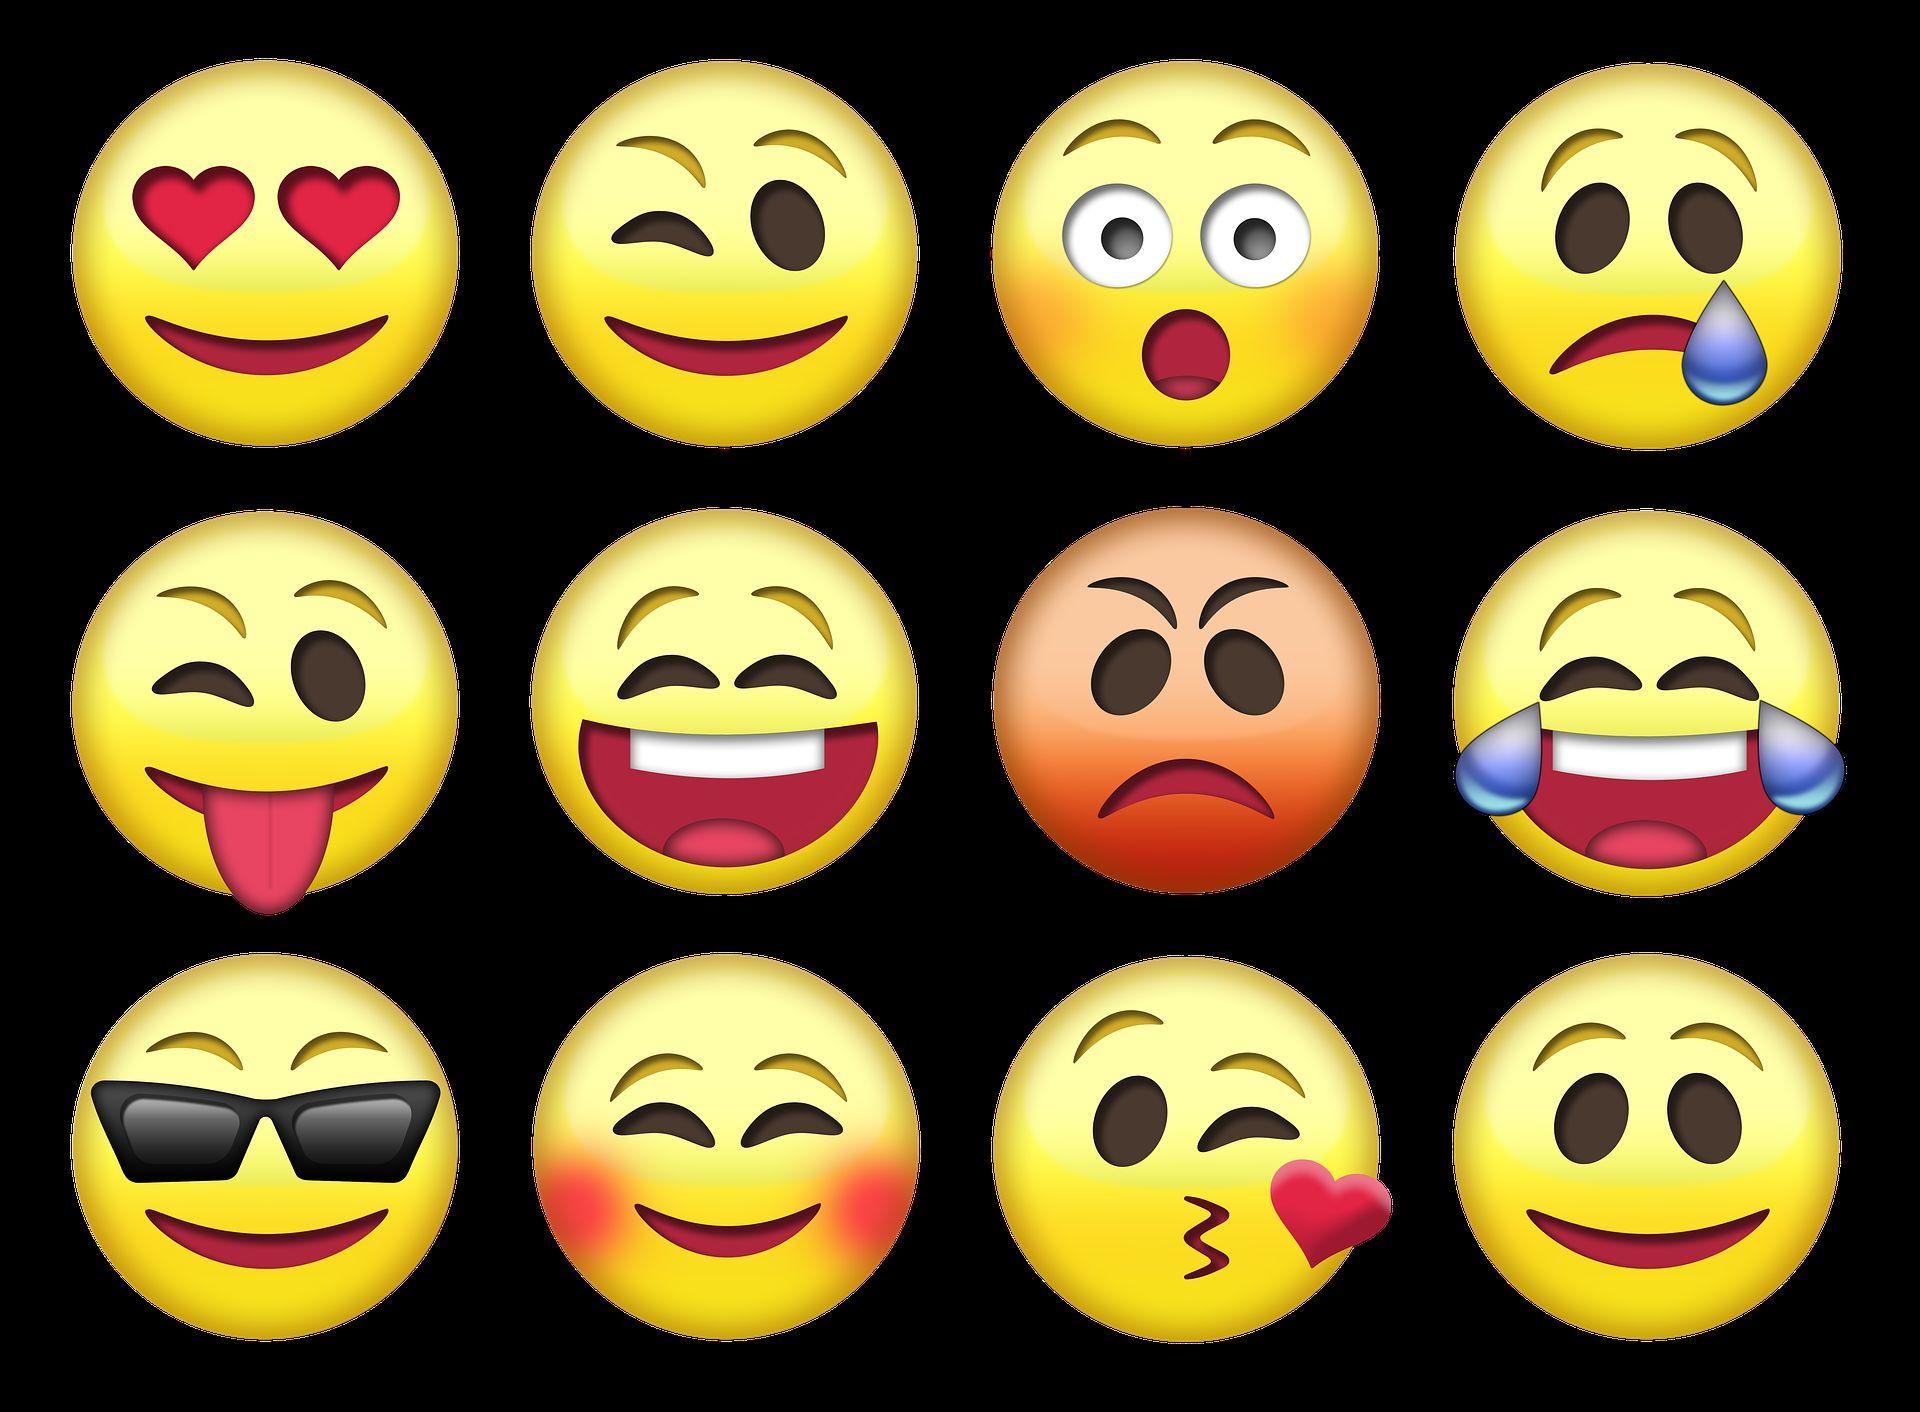 Kenali 6 Emosi Dasar Pada Manusia Agar Lebih Memahami Dirimu